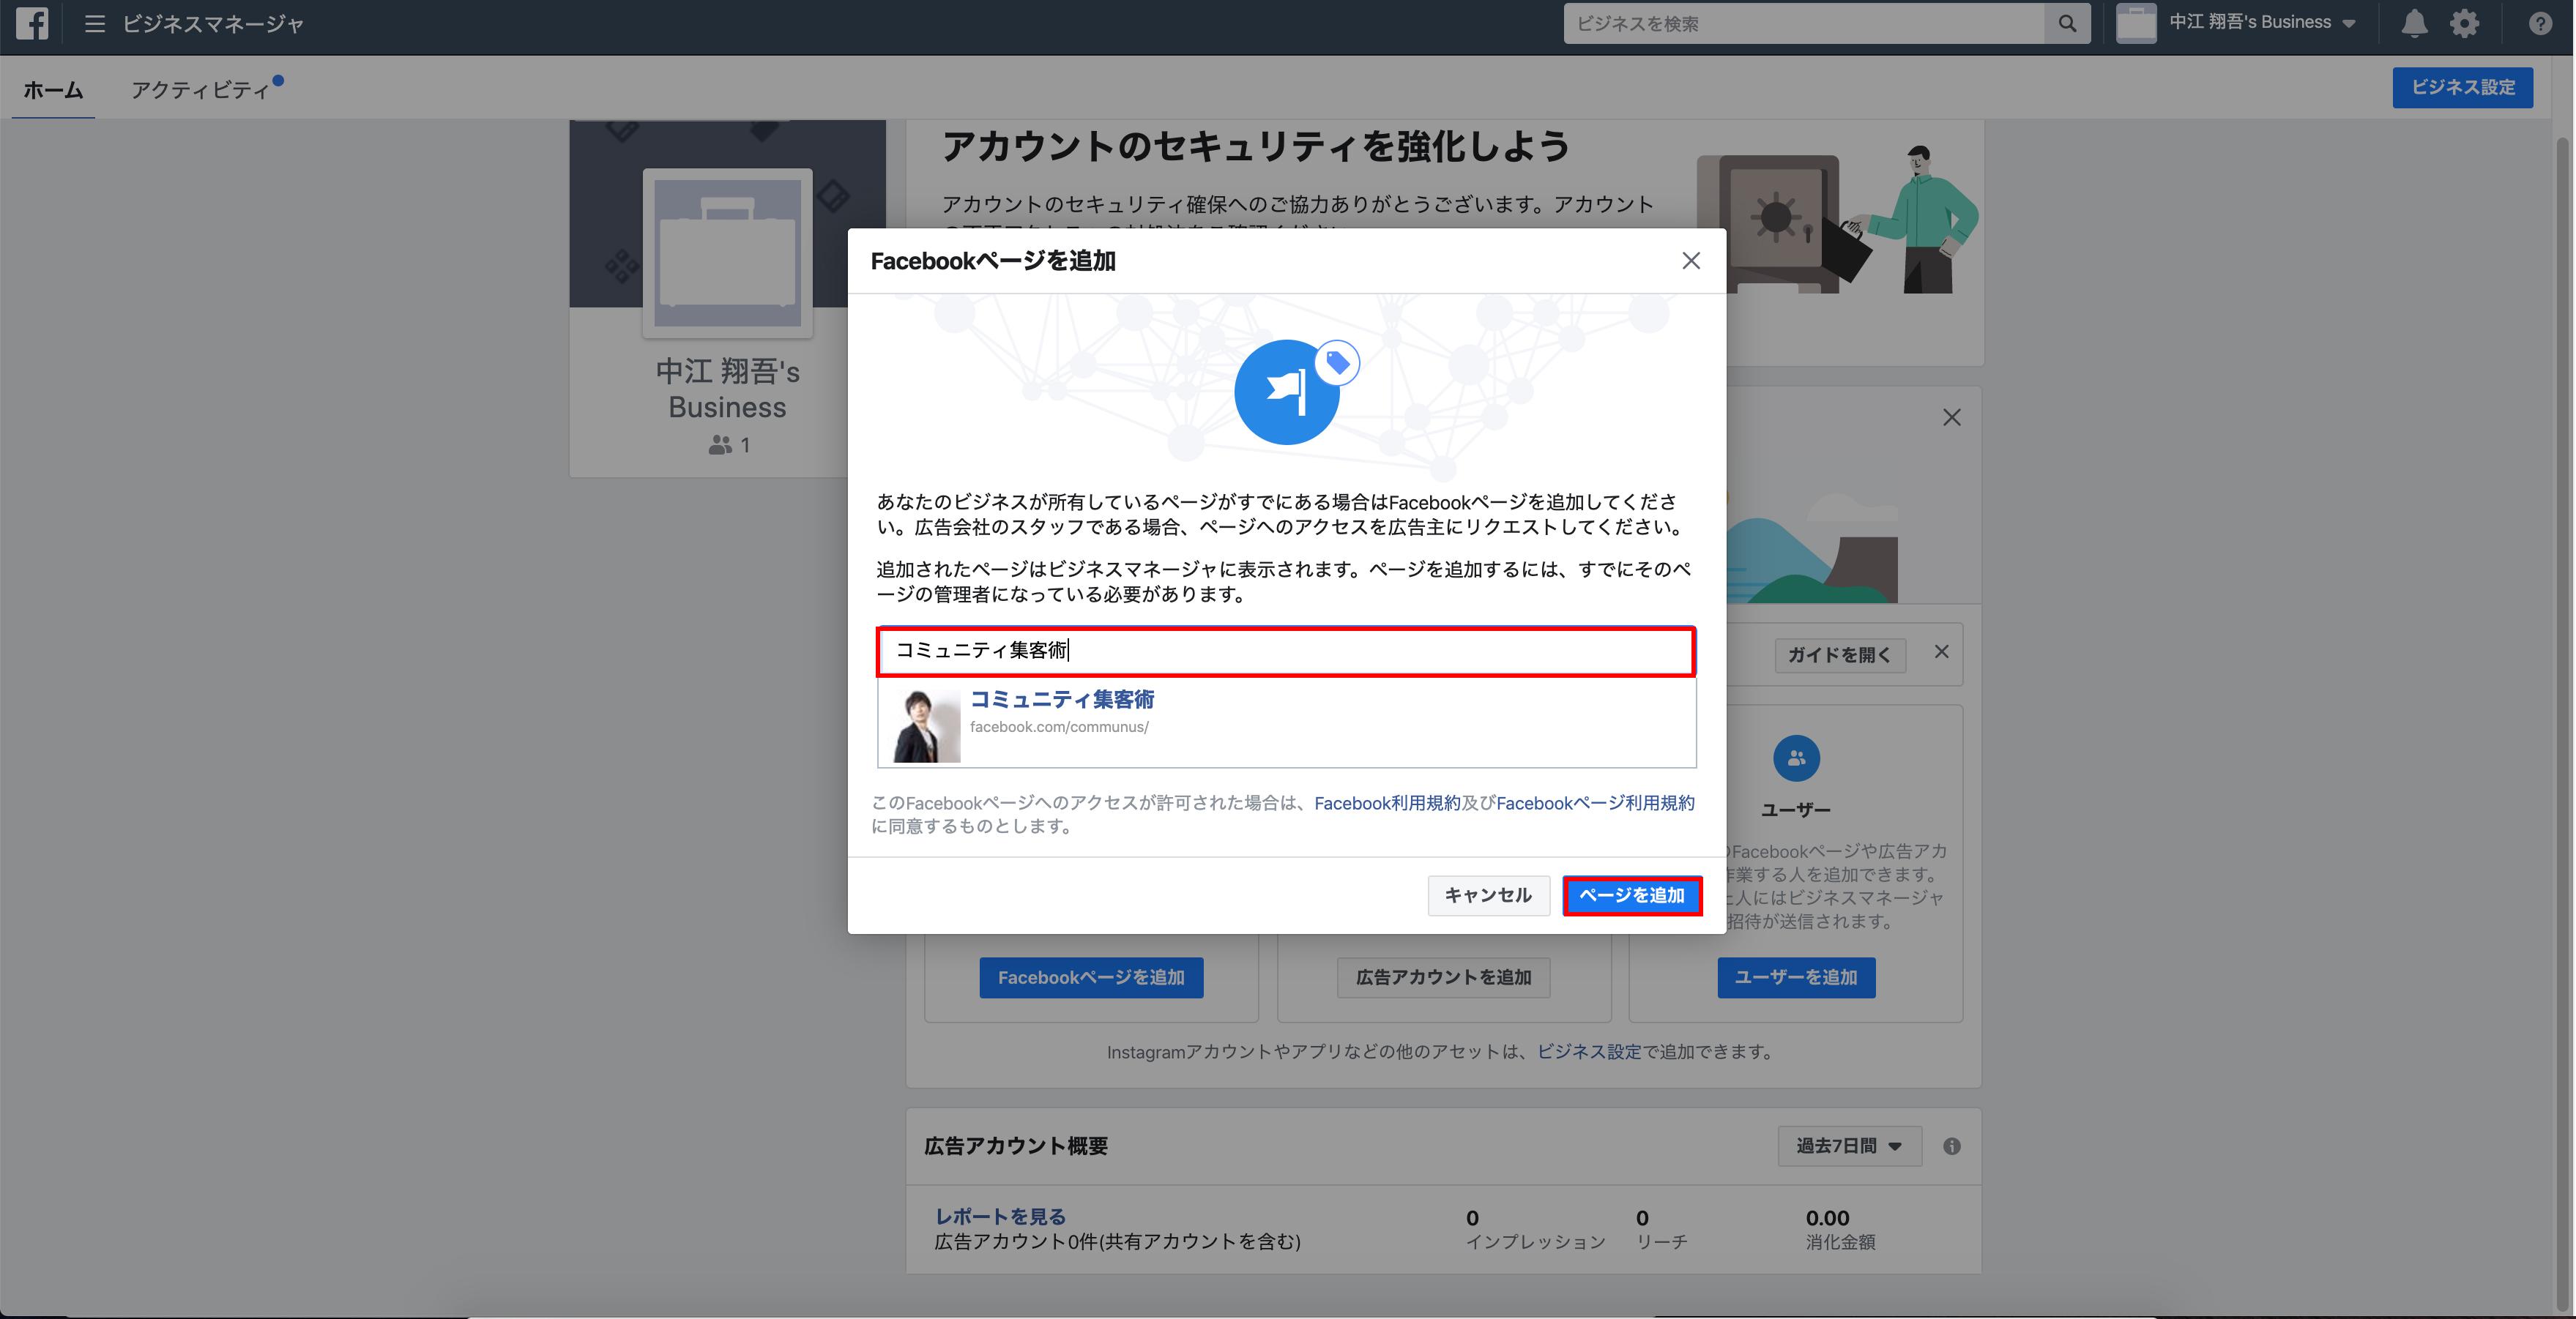 Facebookページを検索・追加